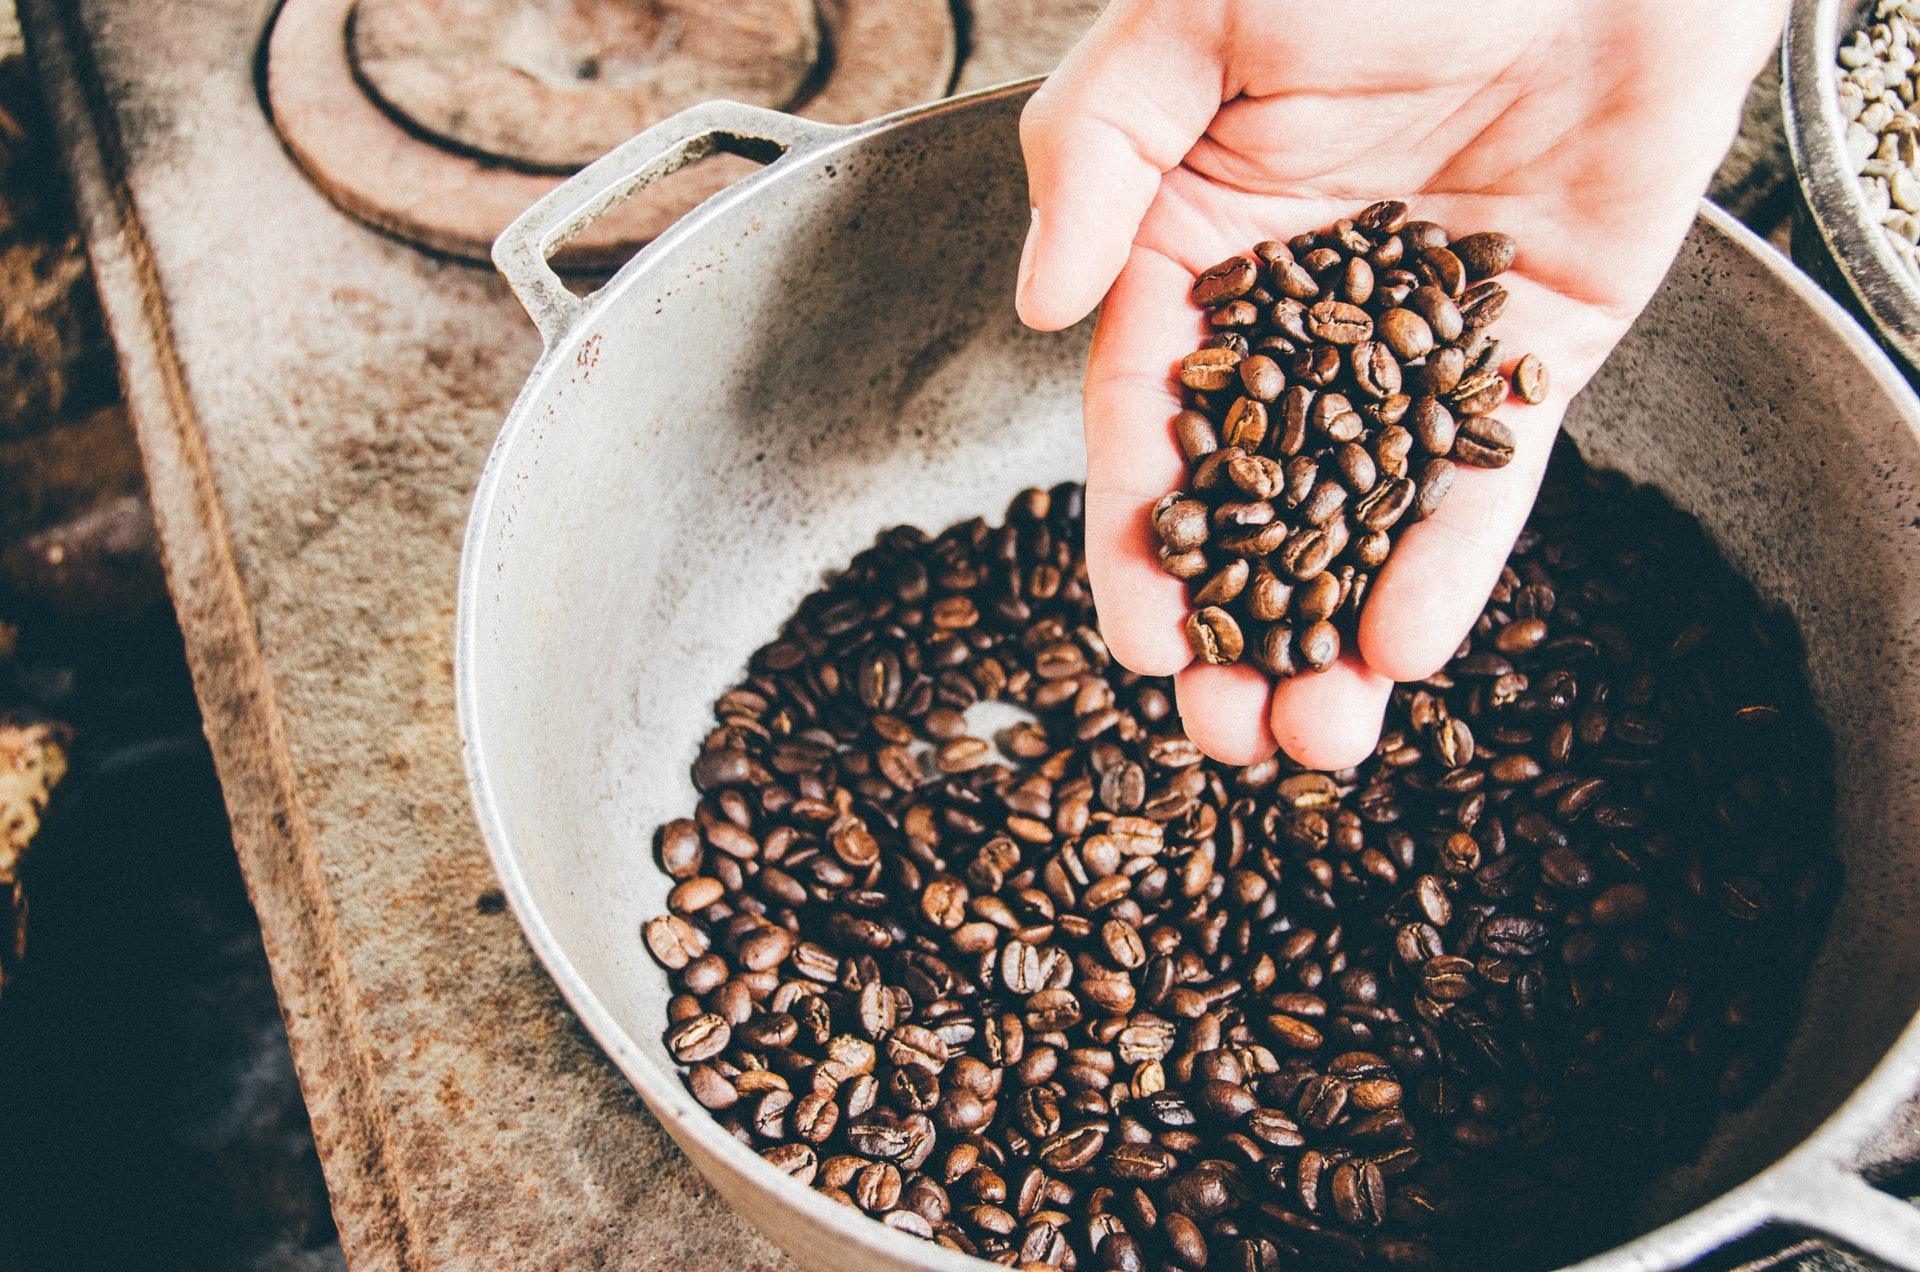 コーヒー農家の事例からフェアトレードを知る